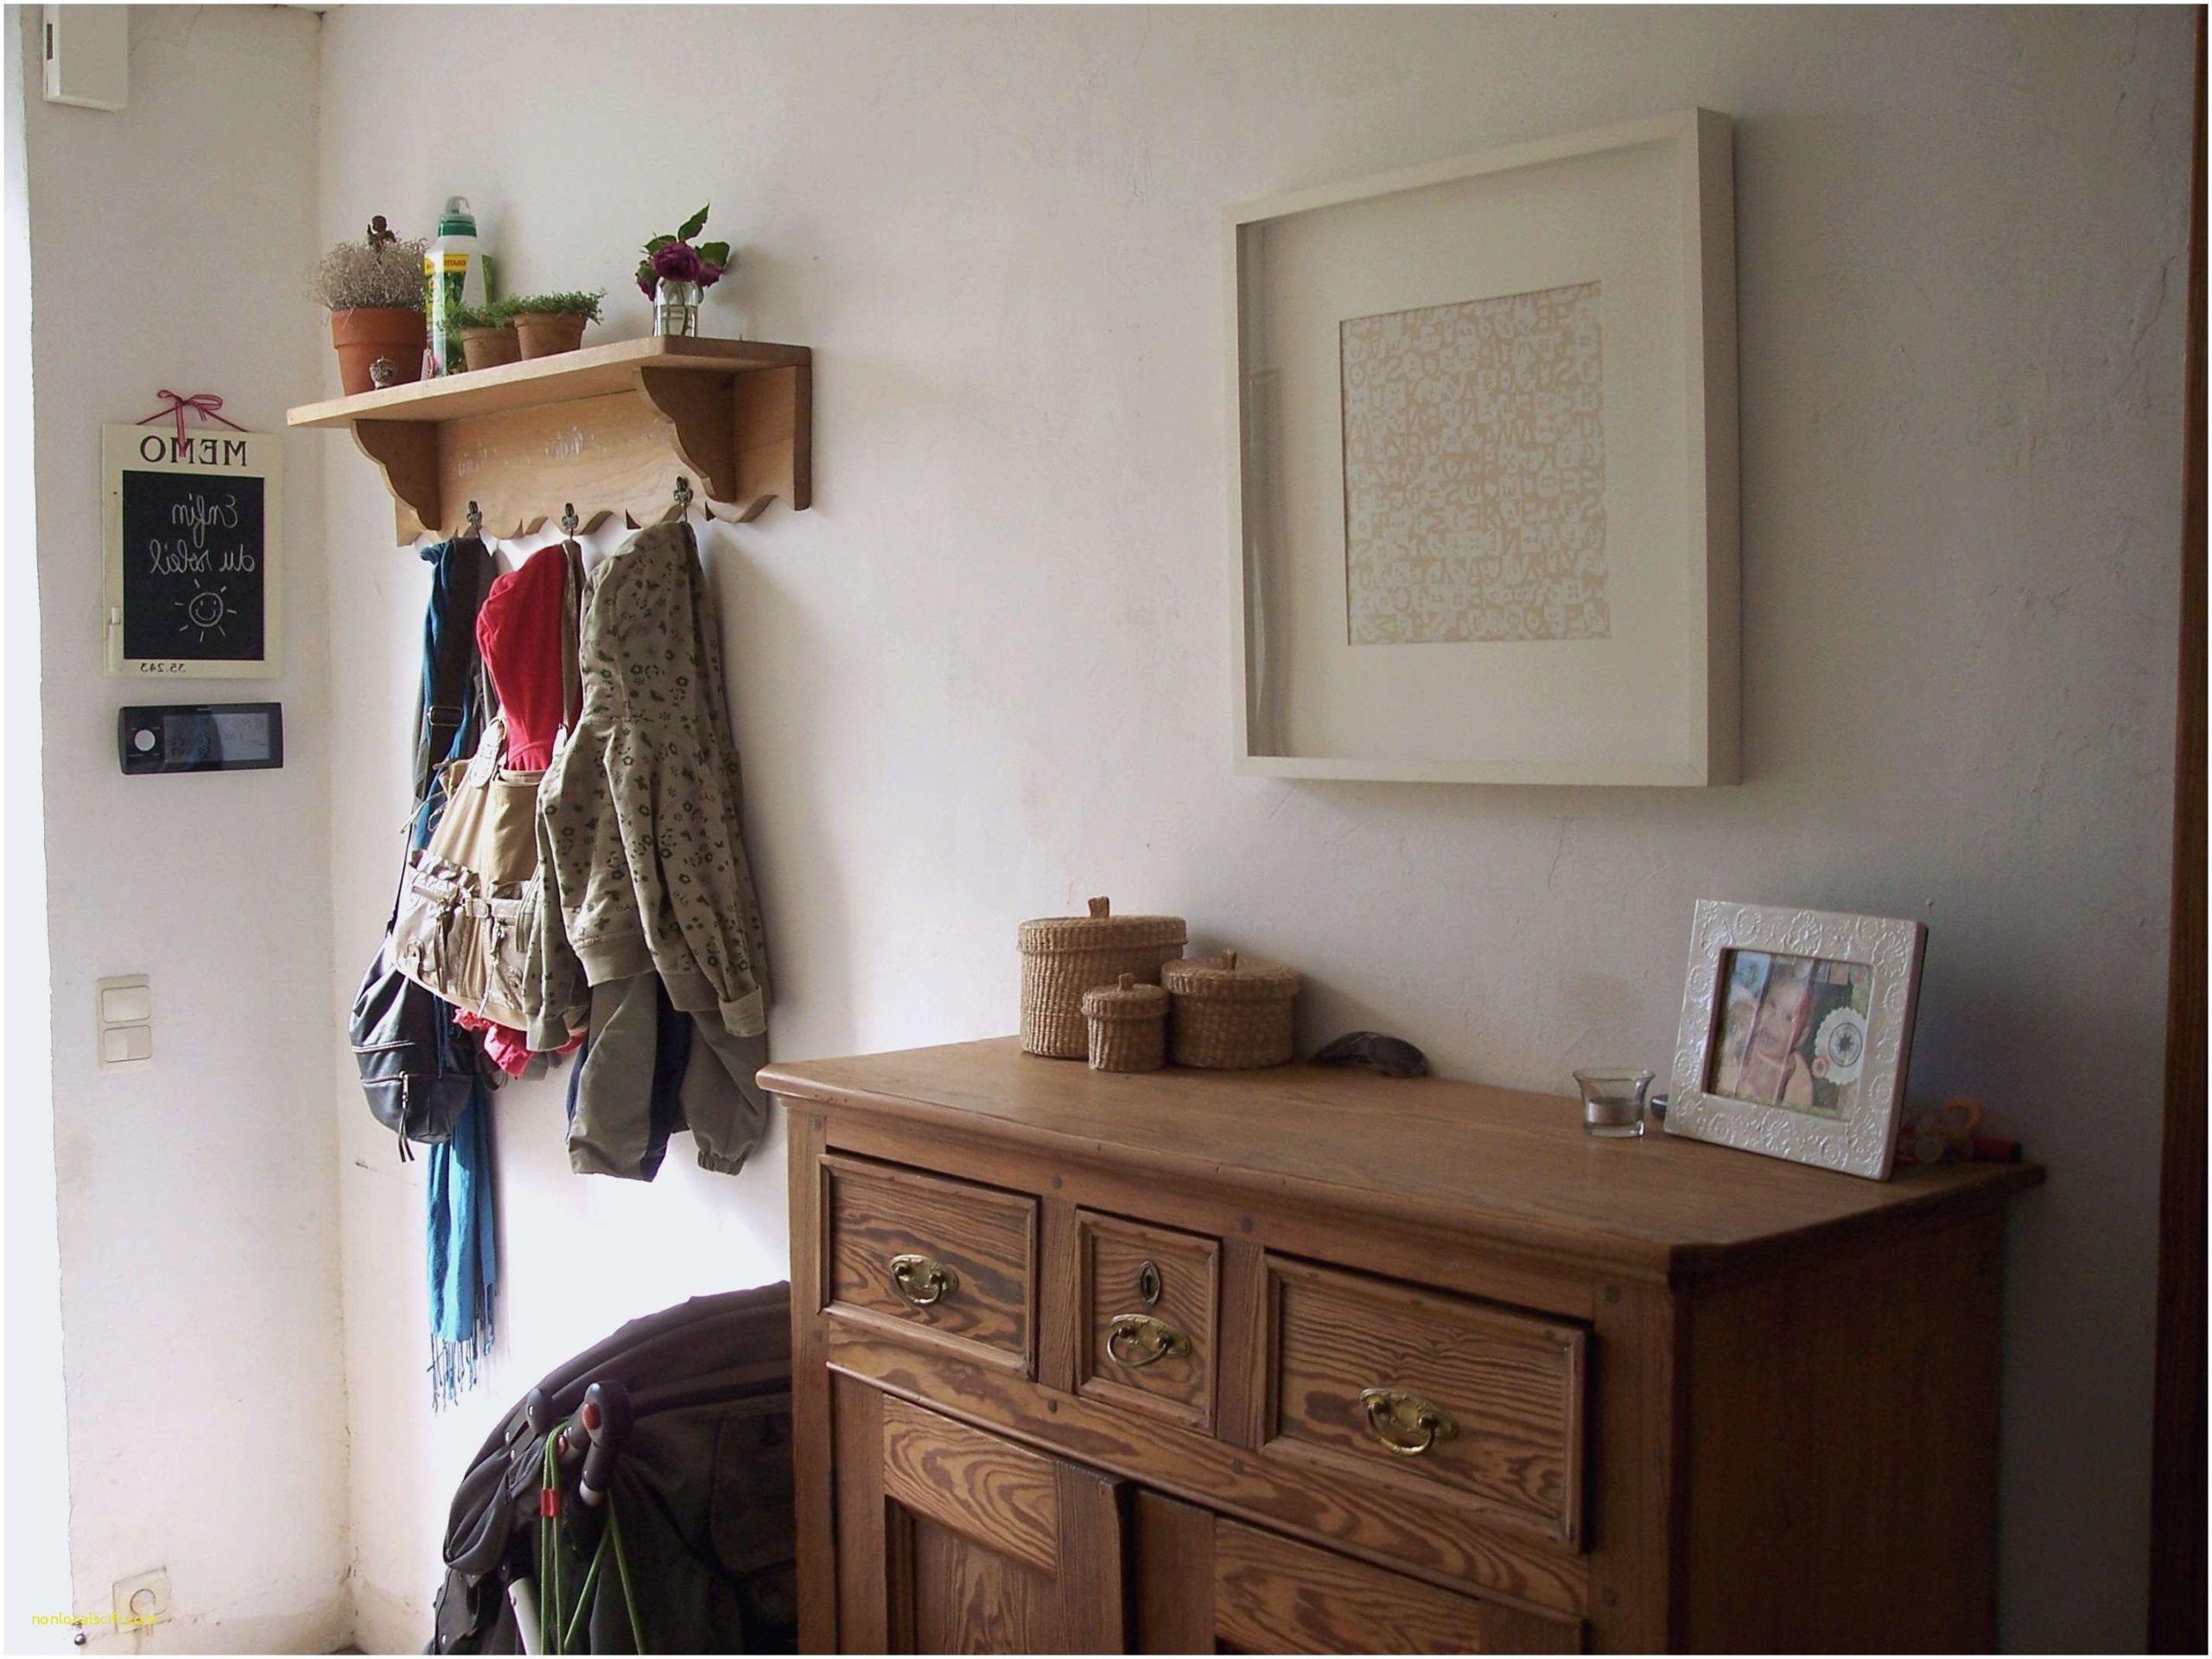 faire un meuble en bois frais construire un meuble tv beau s meuble tv bois origins meuble of faire un meuble en bois